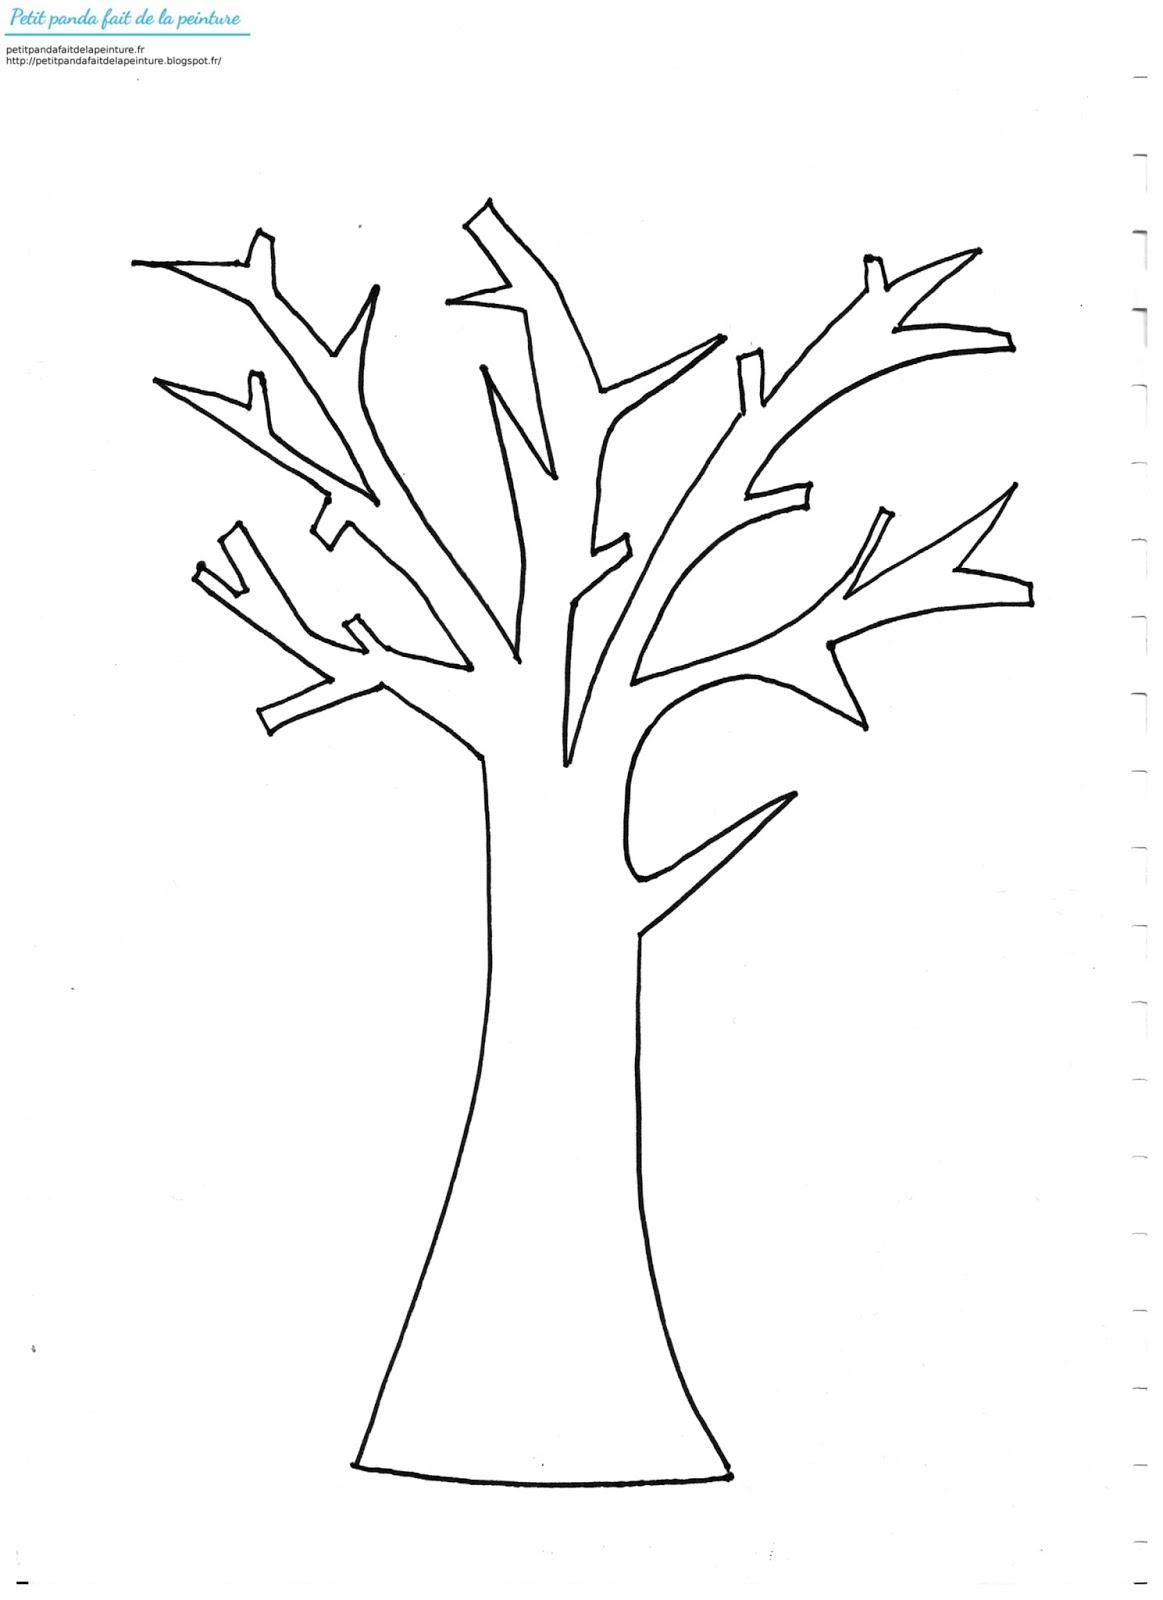 Petit panda fait de la peinture un arbre d 39 automne colorie a la craie grasse par un enfant de 1 an - Arbre d automne dessin ...